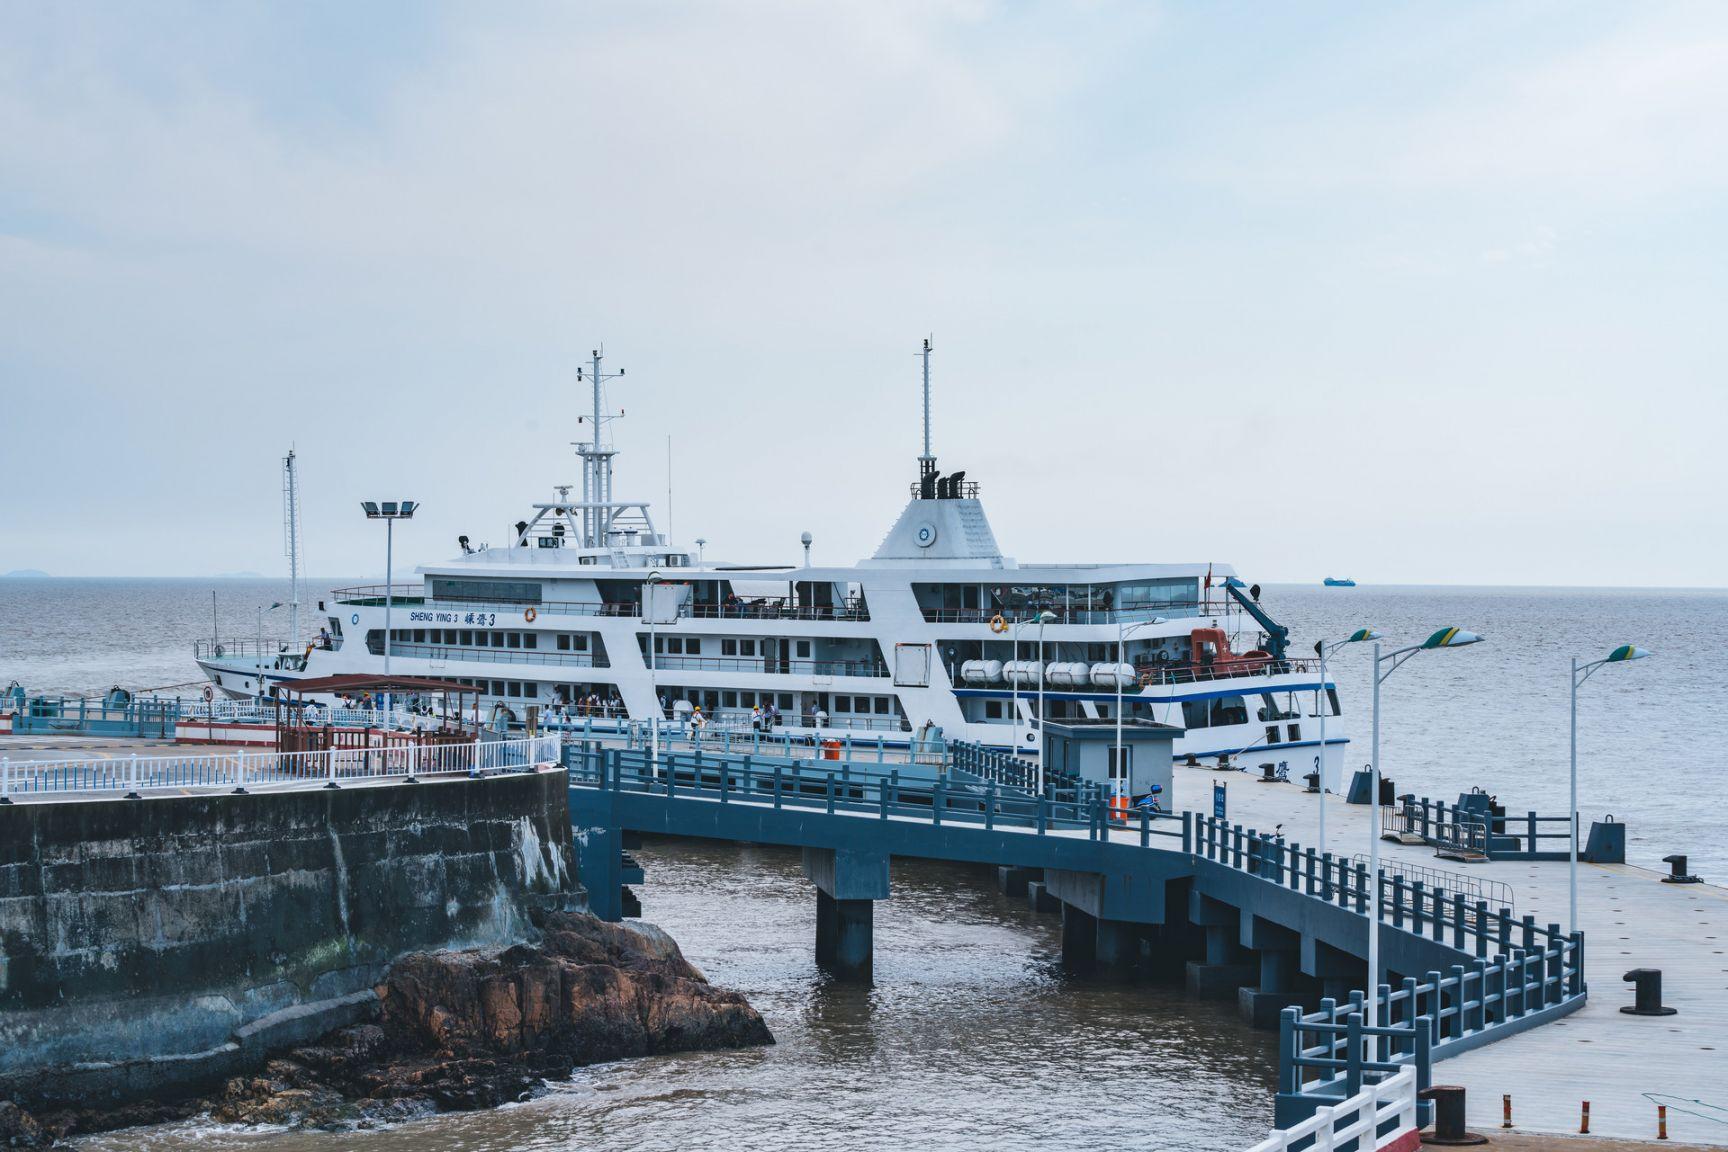 2021湛江徐闻港轮渡时间